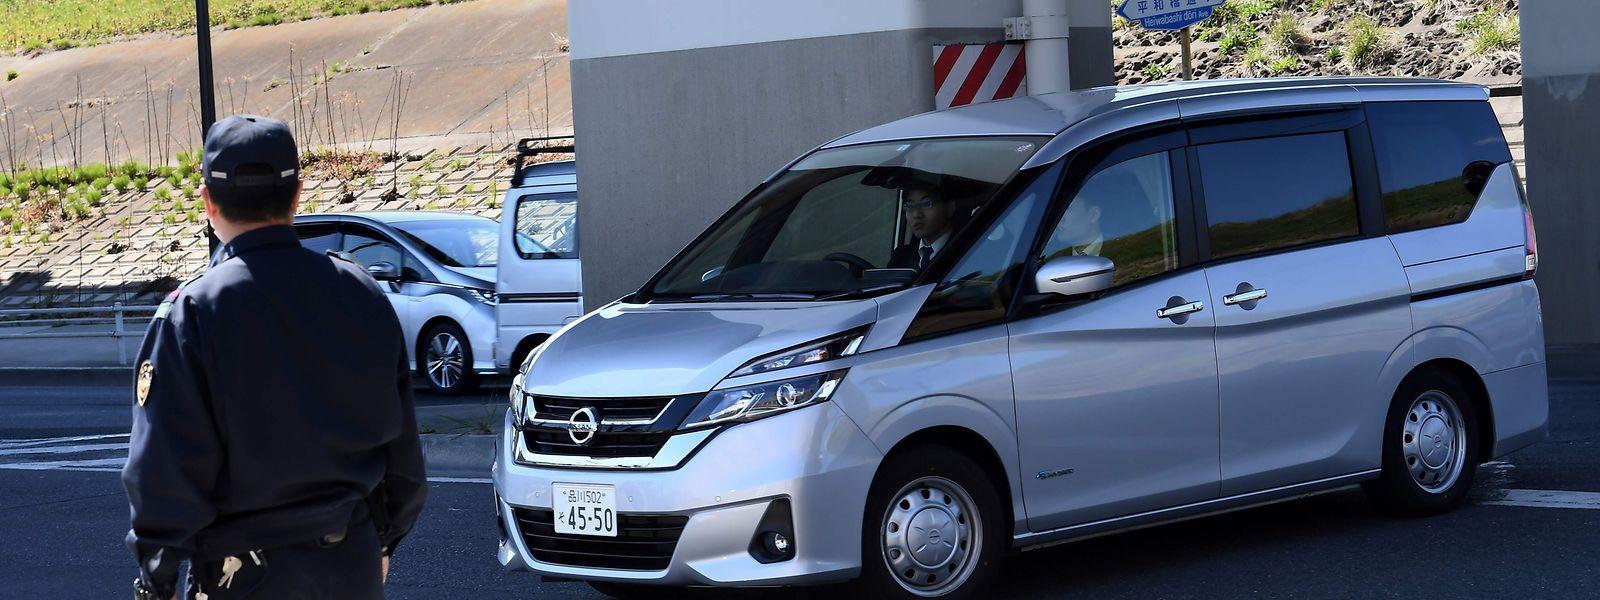 Mit diesem Wagen wurde Ghosn in die Haftanstalt von Tokio gebracht.